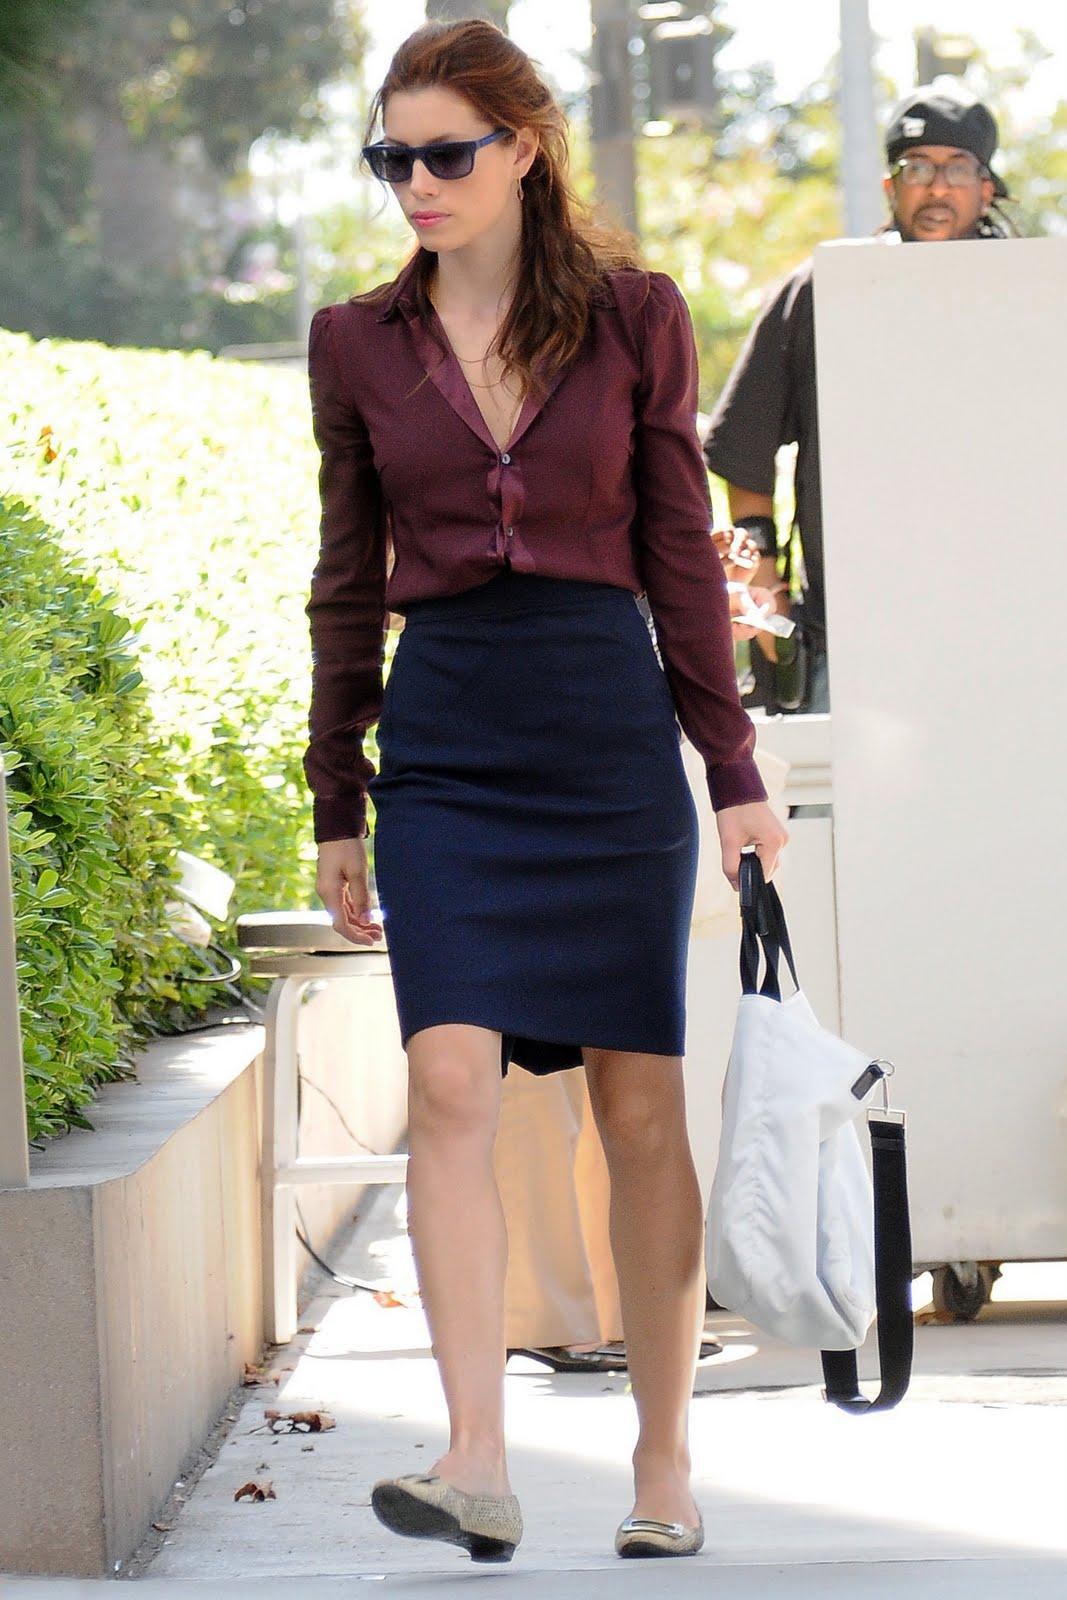 http://1.bp.blogspot.com/_hZpcjbQpsVo/TA5TumTqV1I/AAAAAAAAZ_U/ipR2vibTEAQ/s1600/72669_Celebutopia-Jessica_Biel_filming_Valentines_Day_in_Los_Angeles-02_122_206lo.jpg